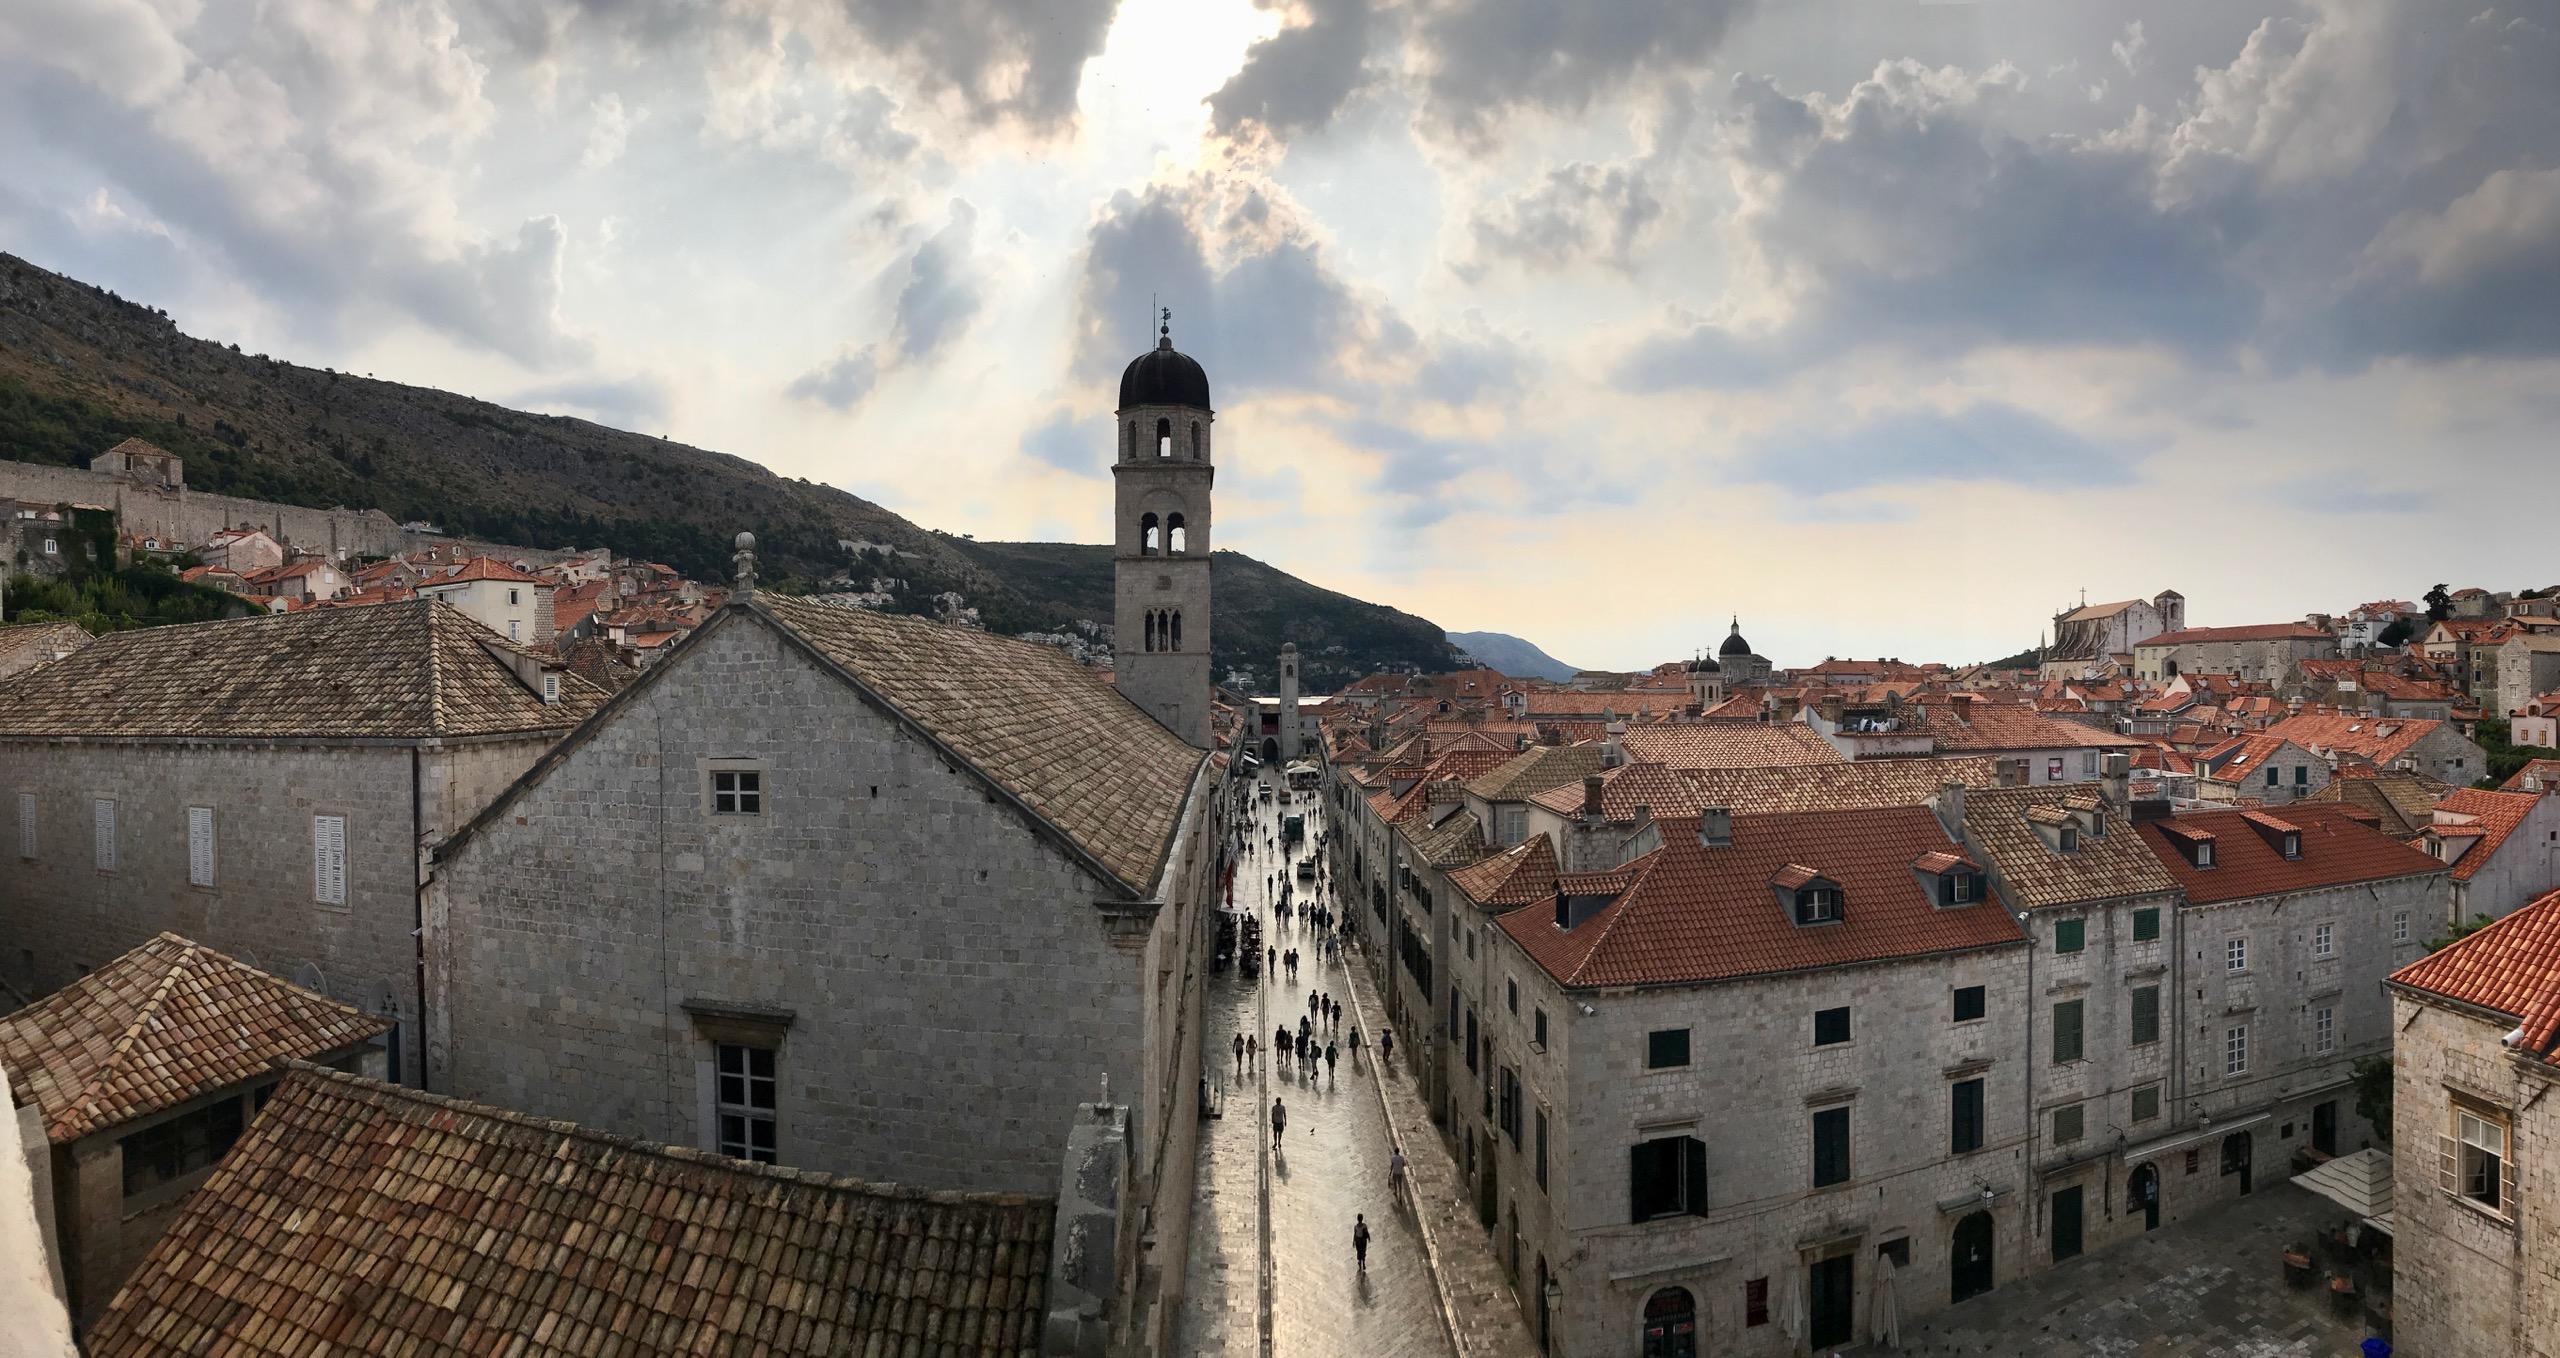 Dubrovnik Altstadt links und rechts die mittelalterlichen Häuser in der Mitte die Promenade. Am frühen Morgen sind nur wenige Menschen unterwegs, die Wolken werfen ein mystisches Bild auf die Altstadt